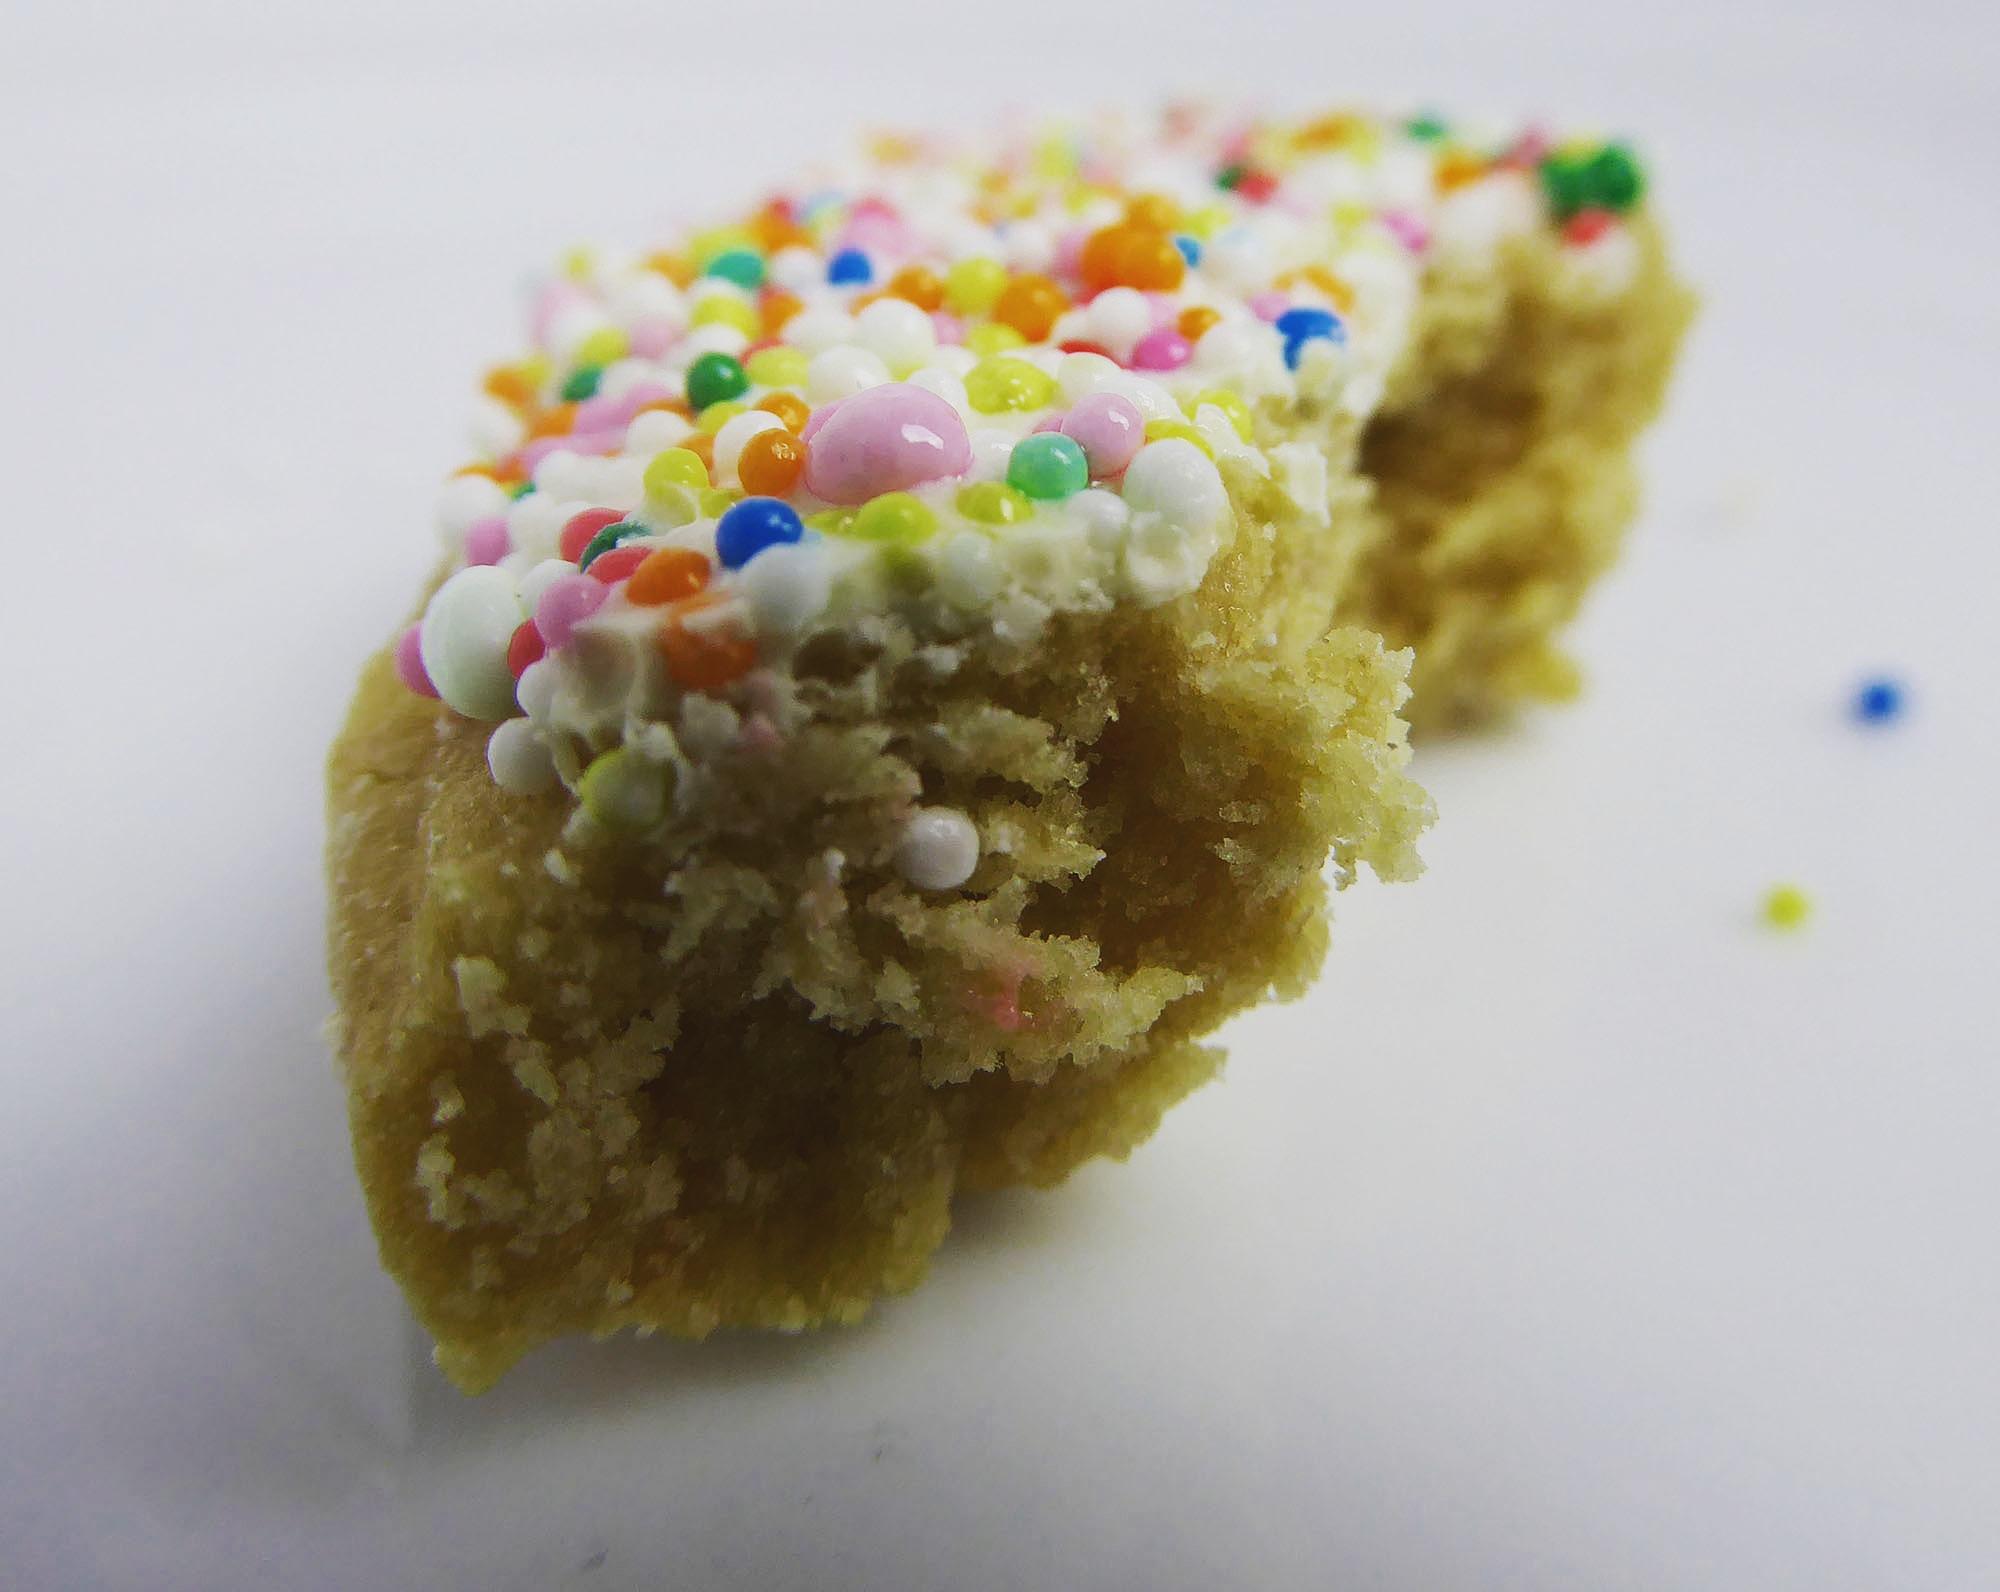 Cookie Madness Protein Cake Oat Cake Protein Kuchen Proteinkuchen Eiweißkuchen